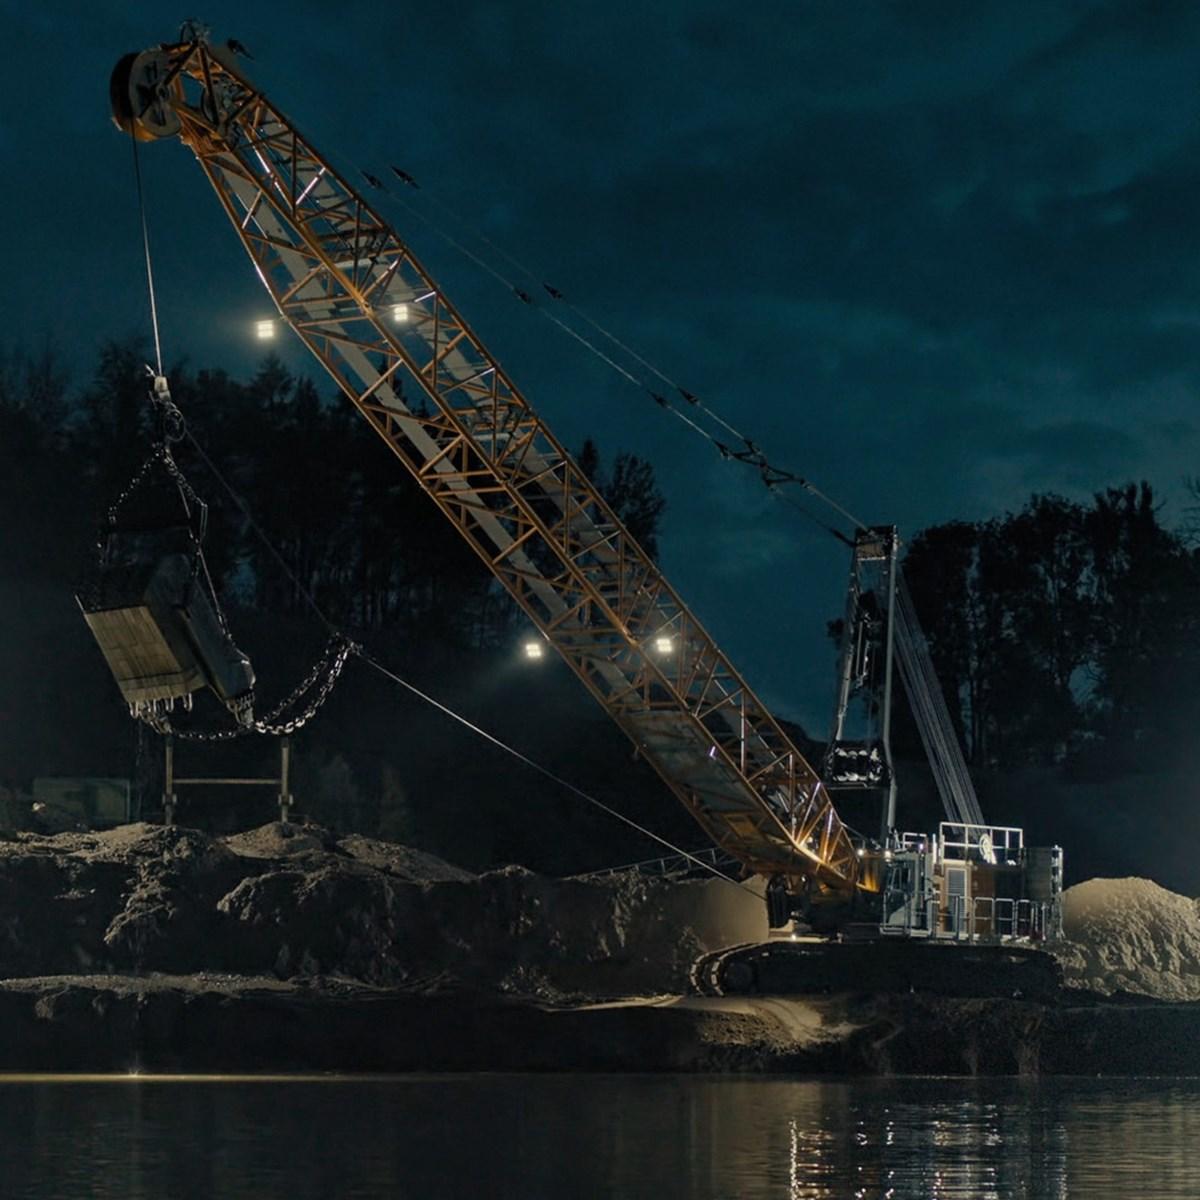 liebherr-hs-8200-seilbagger-duty-cycle-crawler-crane-dragline-schuerfkuebel-3.jpg